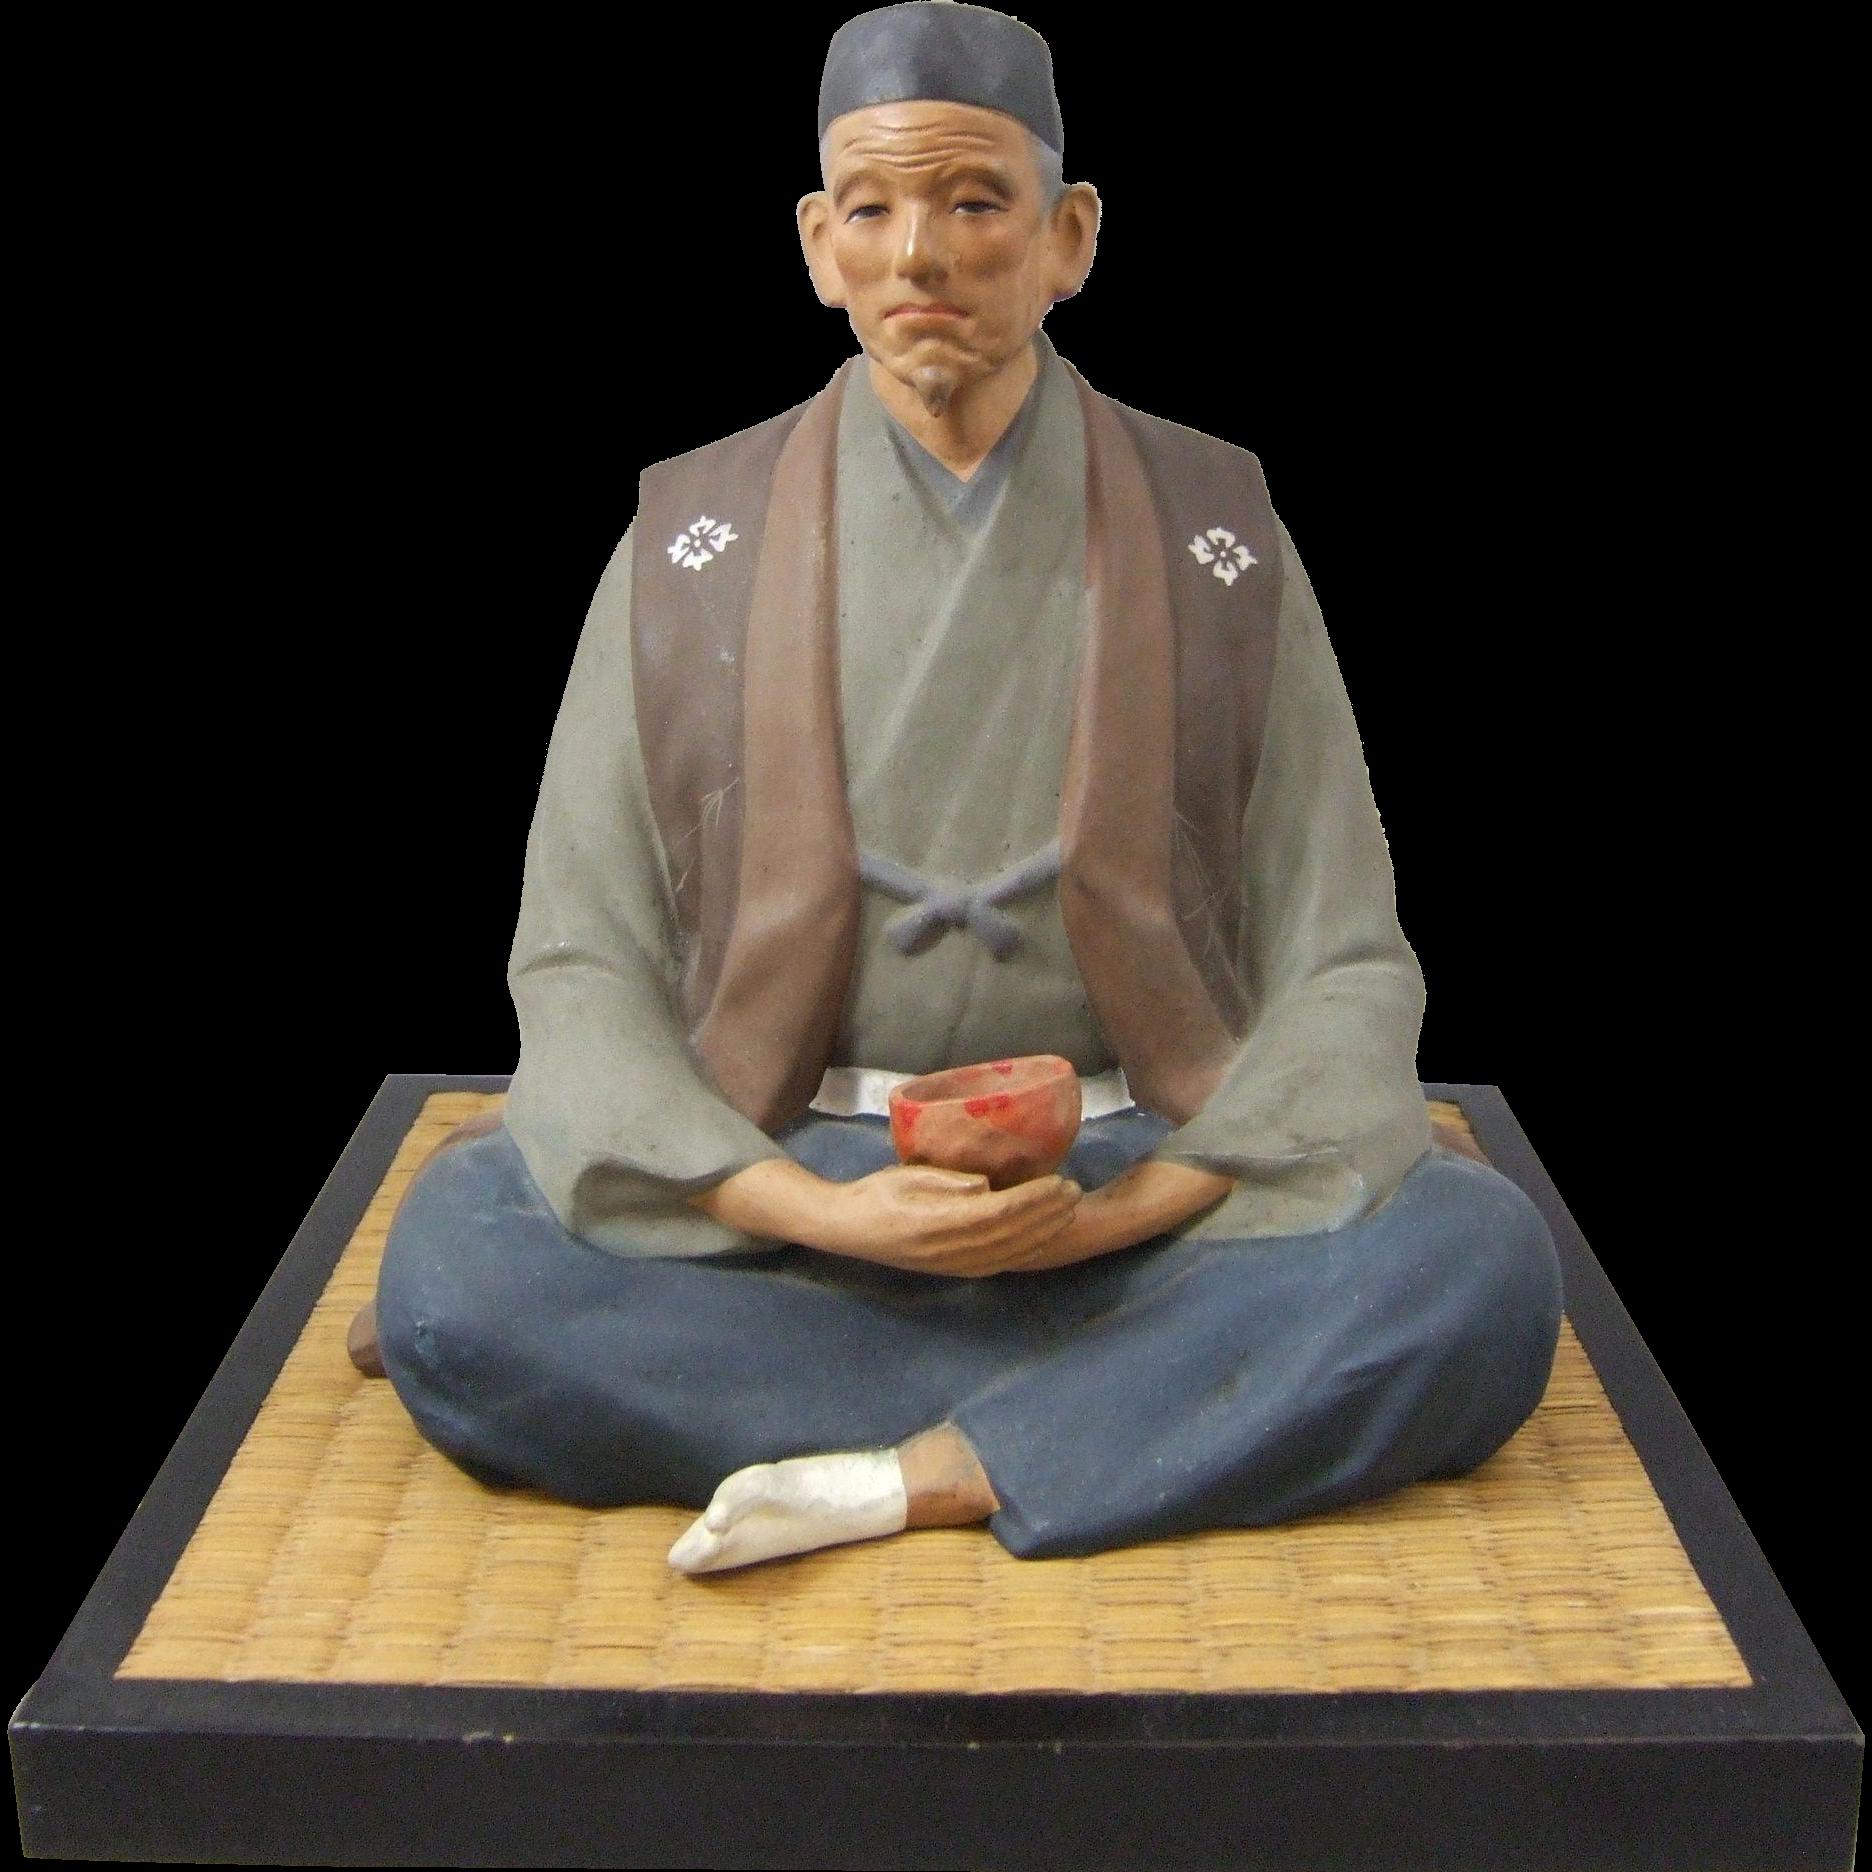 Hakata Urasaki Japanese Figure of a Sitting Man